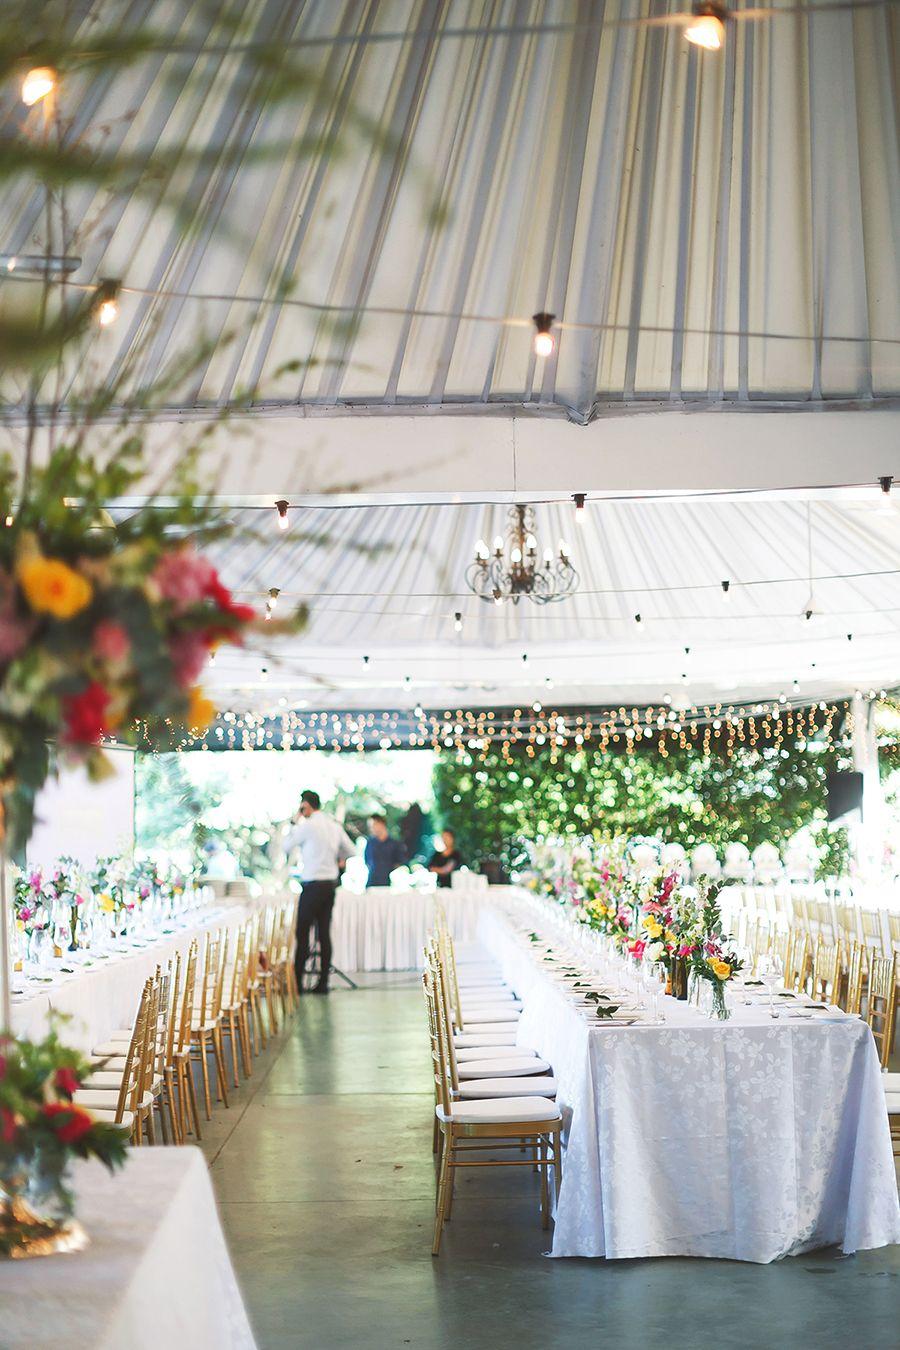 Terence and karens diy wedding in kuching malaysia kuching terence and karens diy wedding in kuching malaysia kuching stationery design and diy wedding junglespirit Gallery